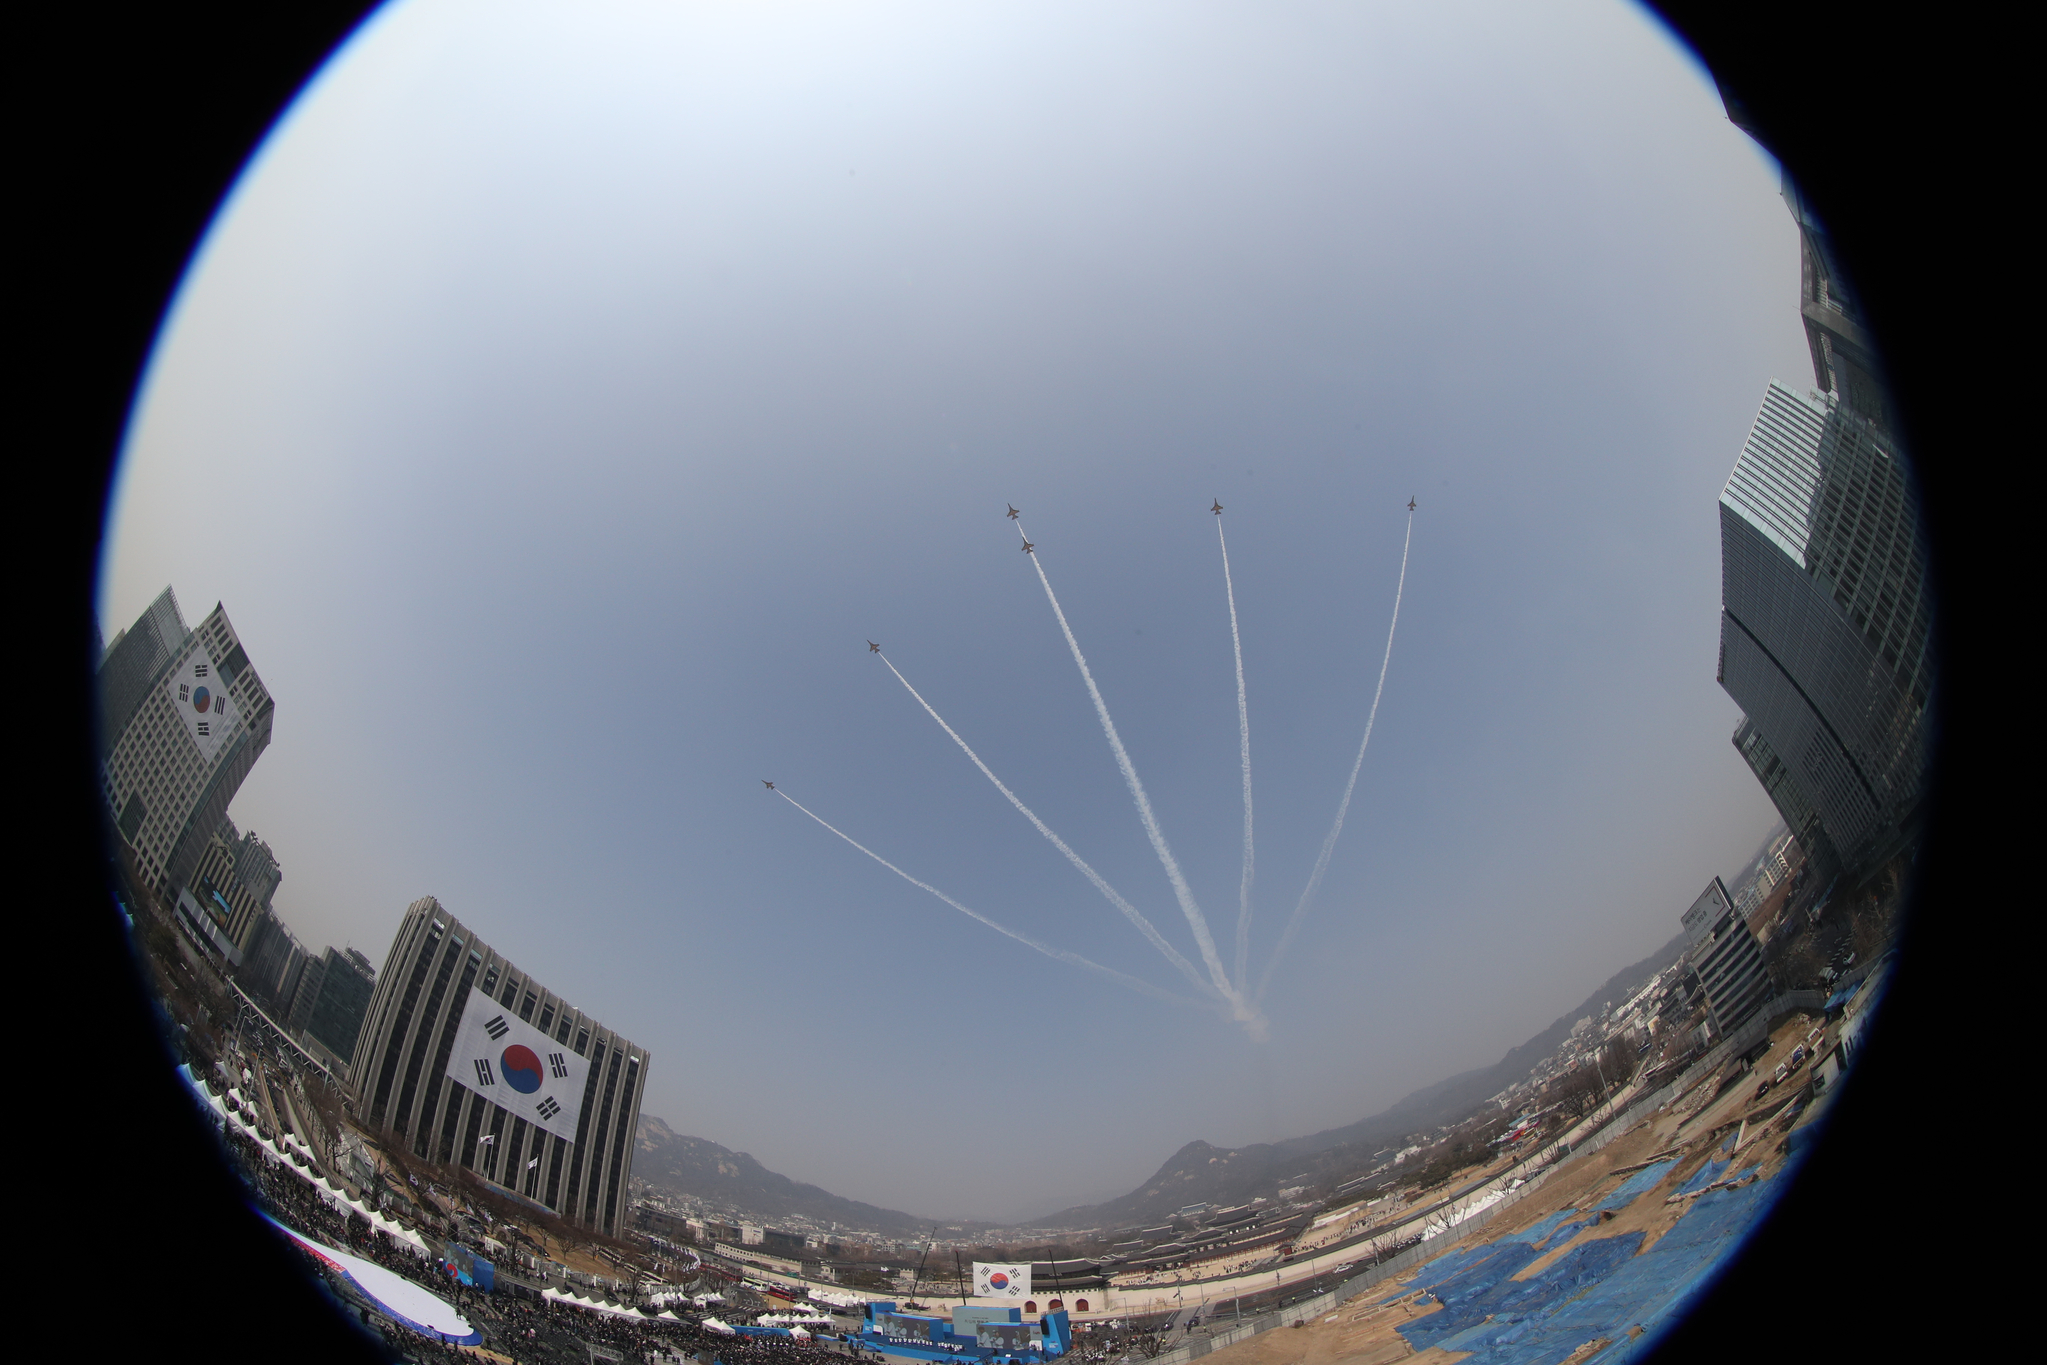 1일 오전 서울 광화문광장에서 열린 제100주년 3.1절 기념식에서 공군 특수비행팀 '블랙이글스'가 3.1운동 100주년을 기리는 비행을 하고 있다. [연합뉴스]